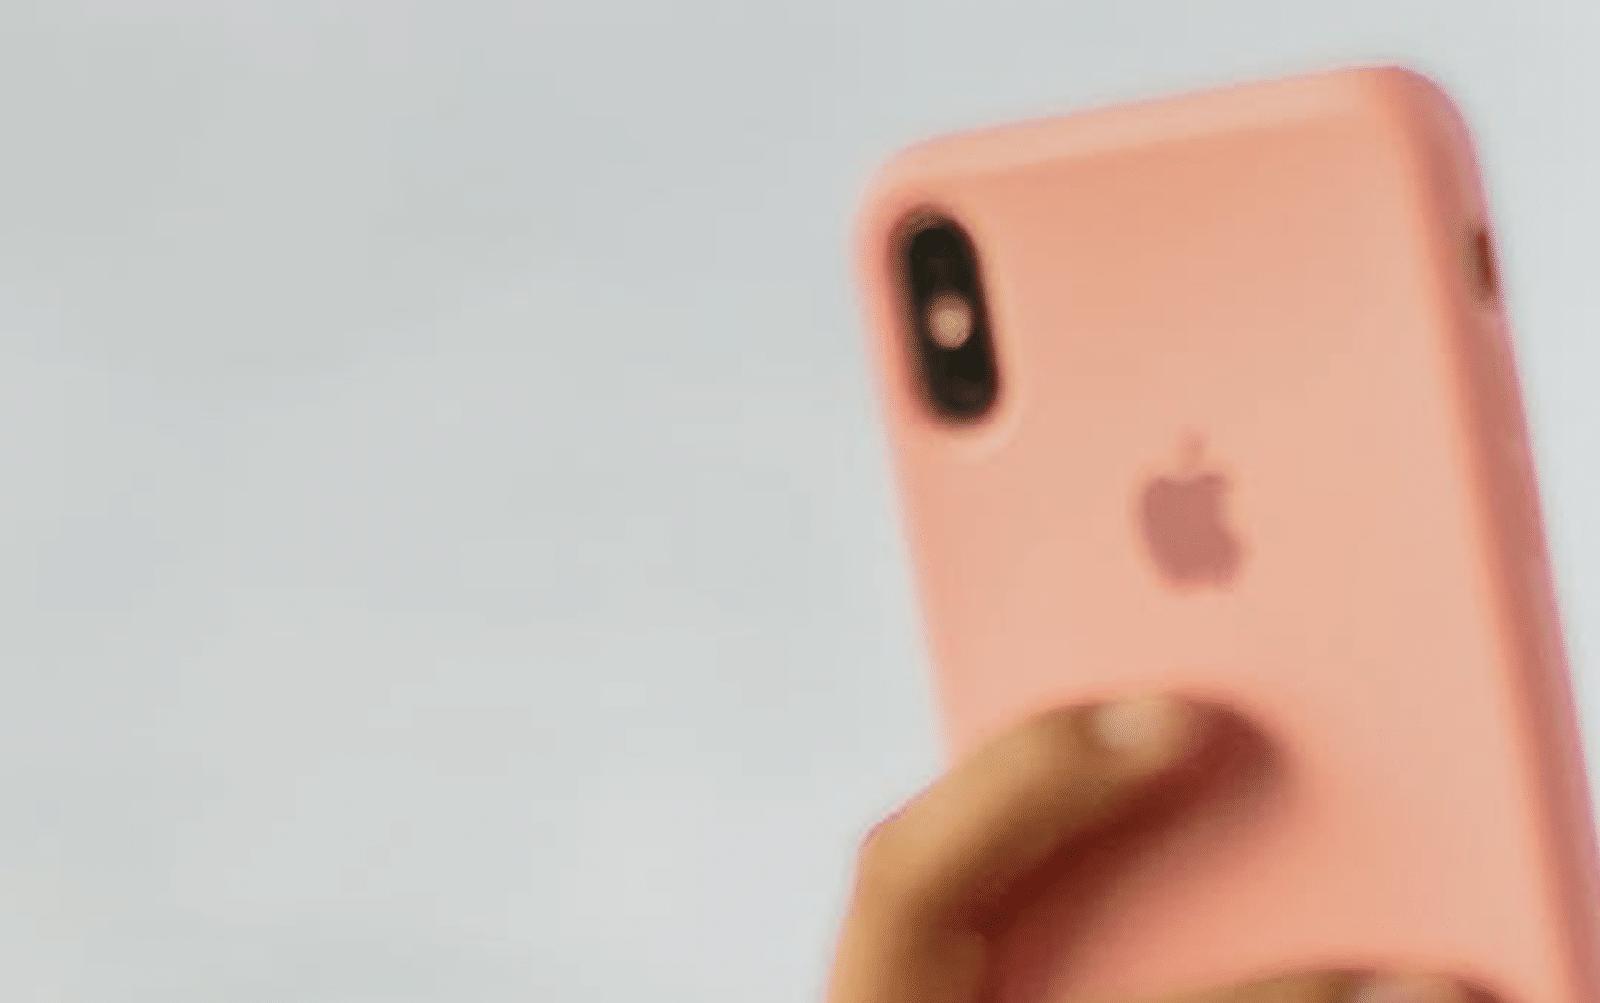 6 เทคนิค Facebook Live ด้วย iPhone อย่างไรให้ดูโปรที่สุด